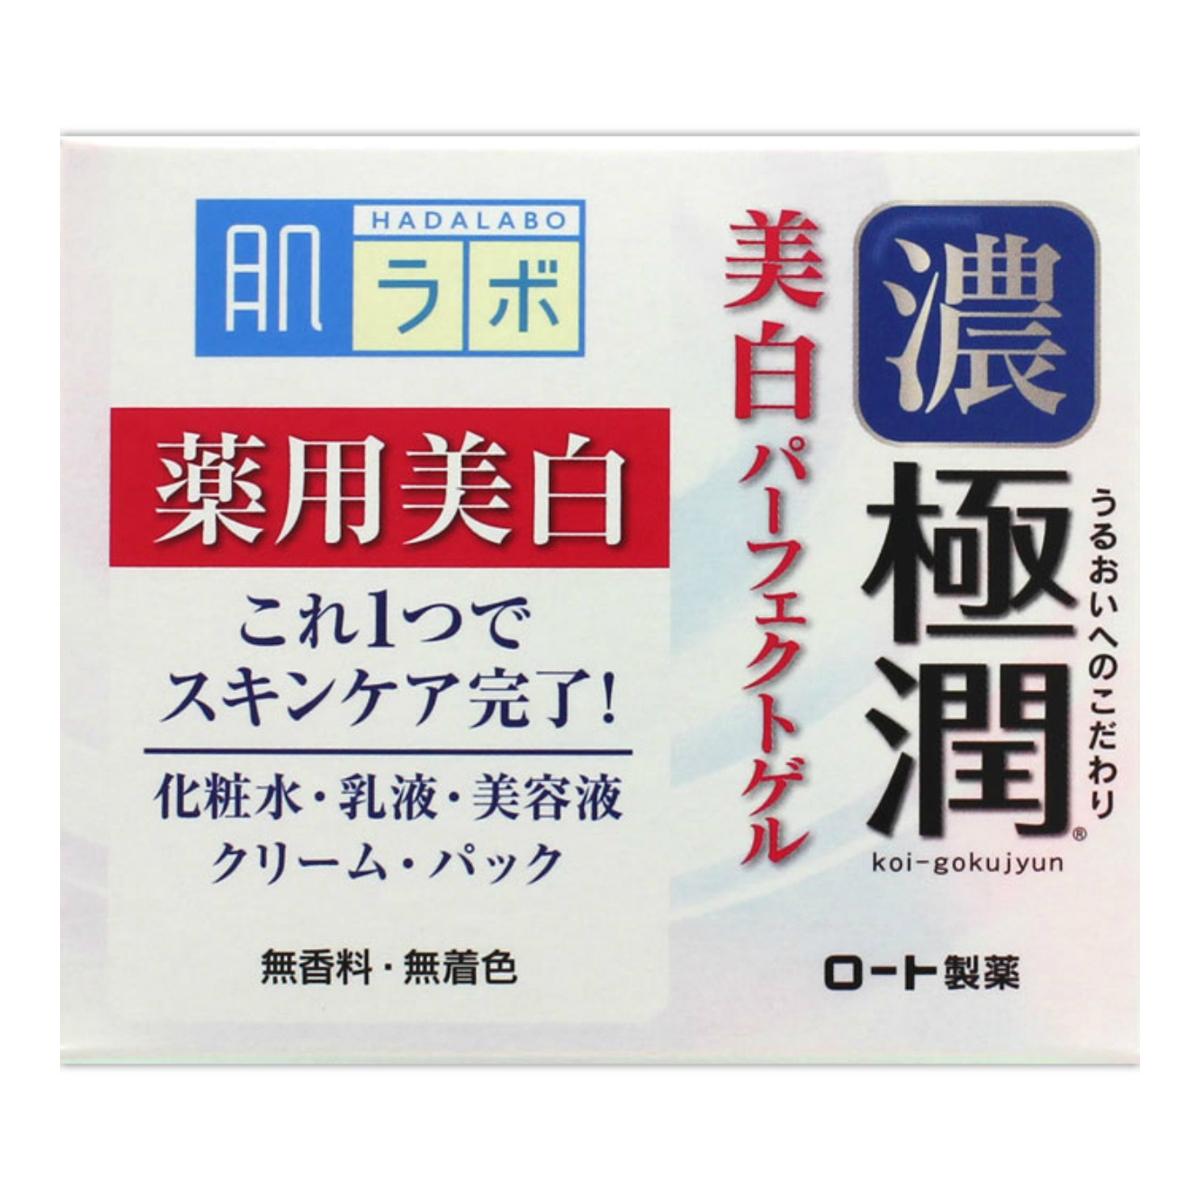 【42個で送料込】ロート製薬 肌研 ( ハダラボ ) 極潤美白パーフェクトゲル ( 内容量:100G ) ×42点セット ( 4987241145669 )